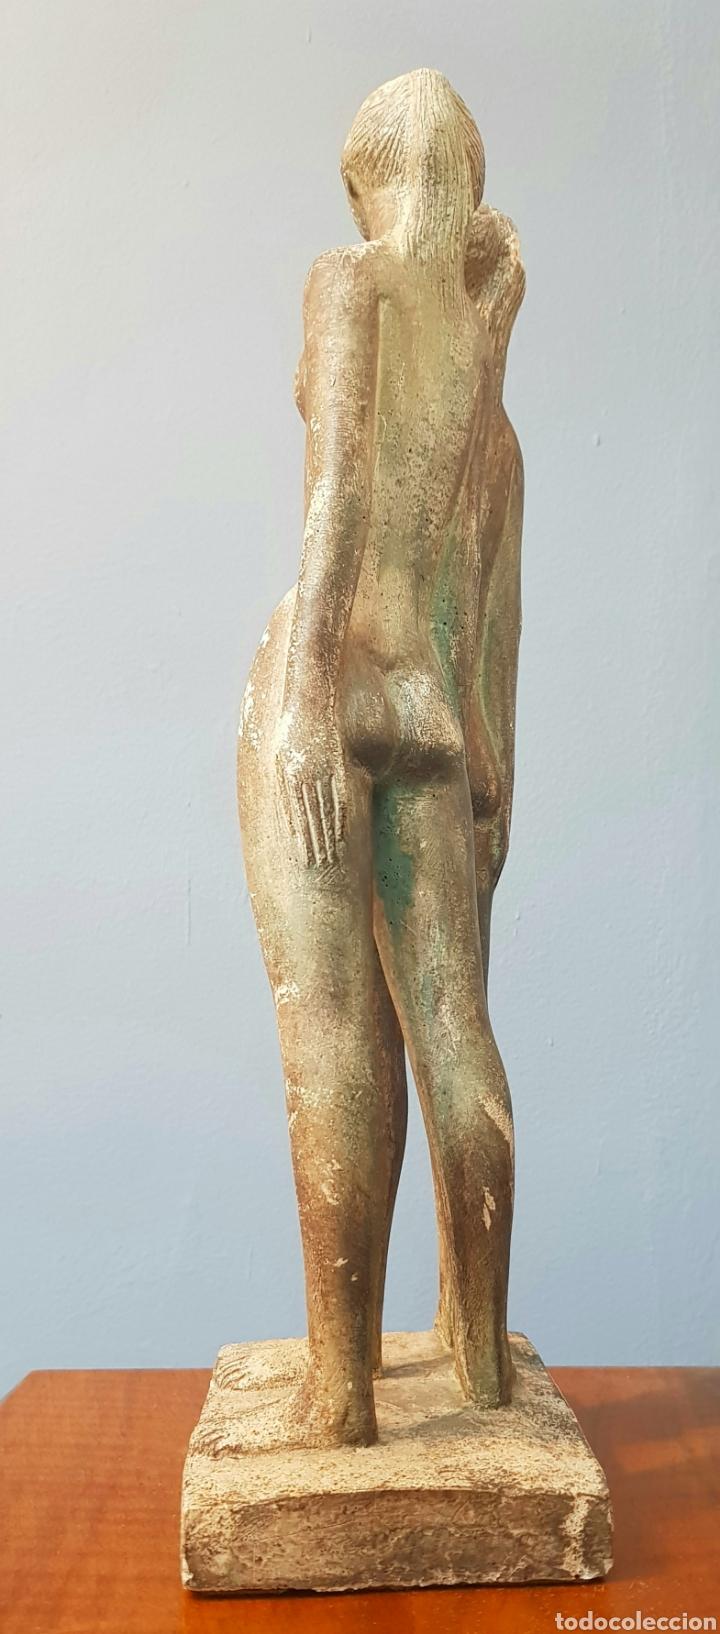 Arte: Chuck Dodson, preciosa escultura vintage 2 mujeres en piedra, firmada. - Foto 4 - 159401121